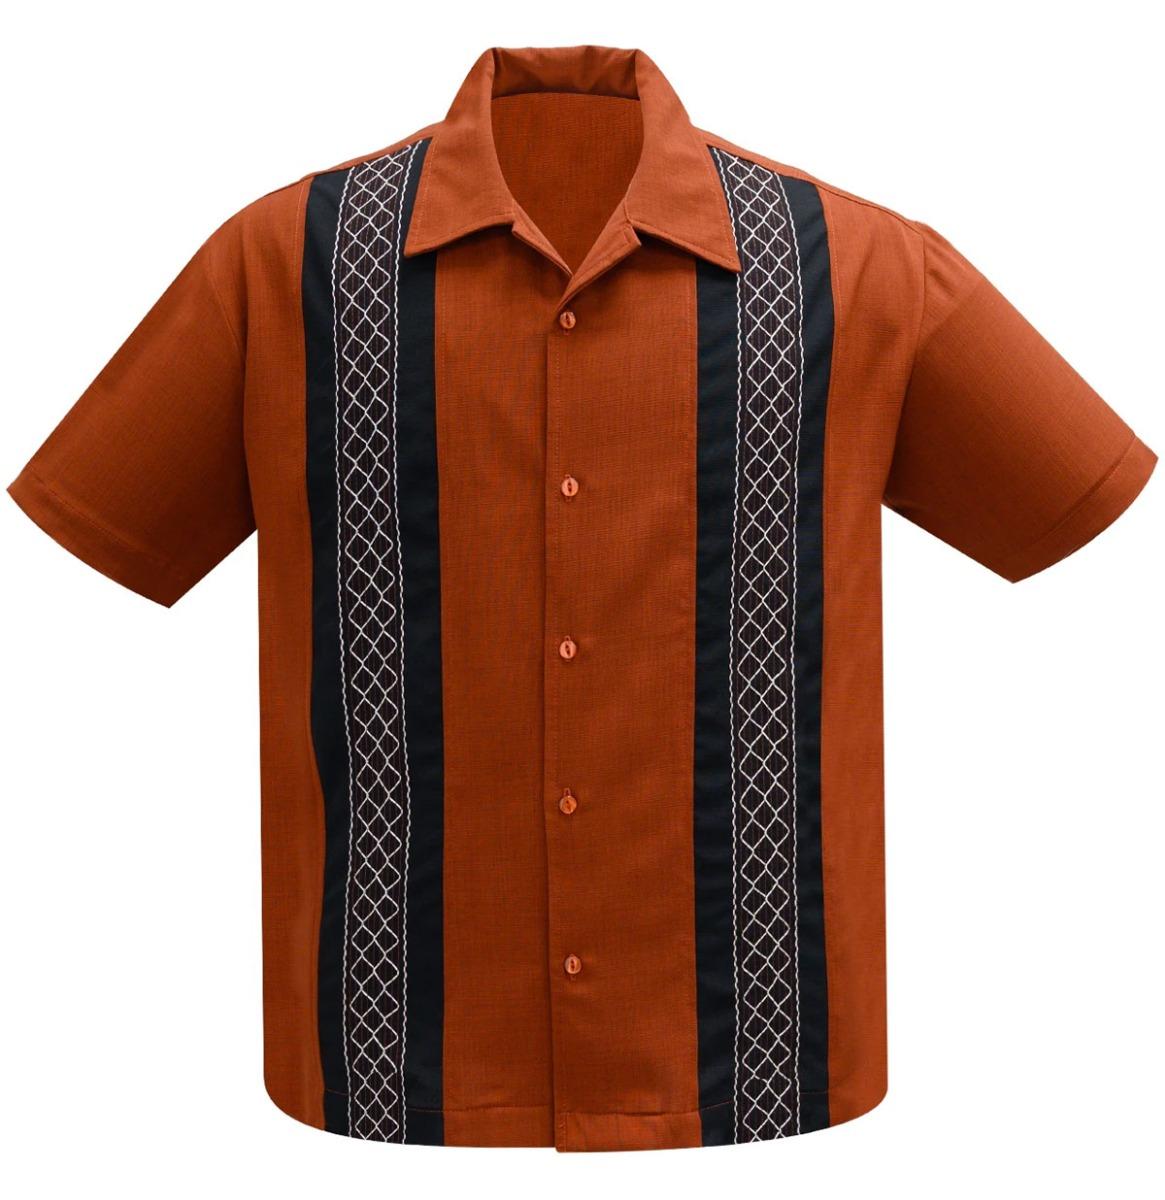 Steady Clothing The Oscar Shirt Rust / Black